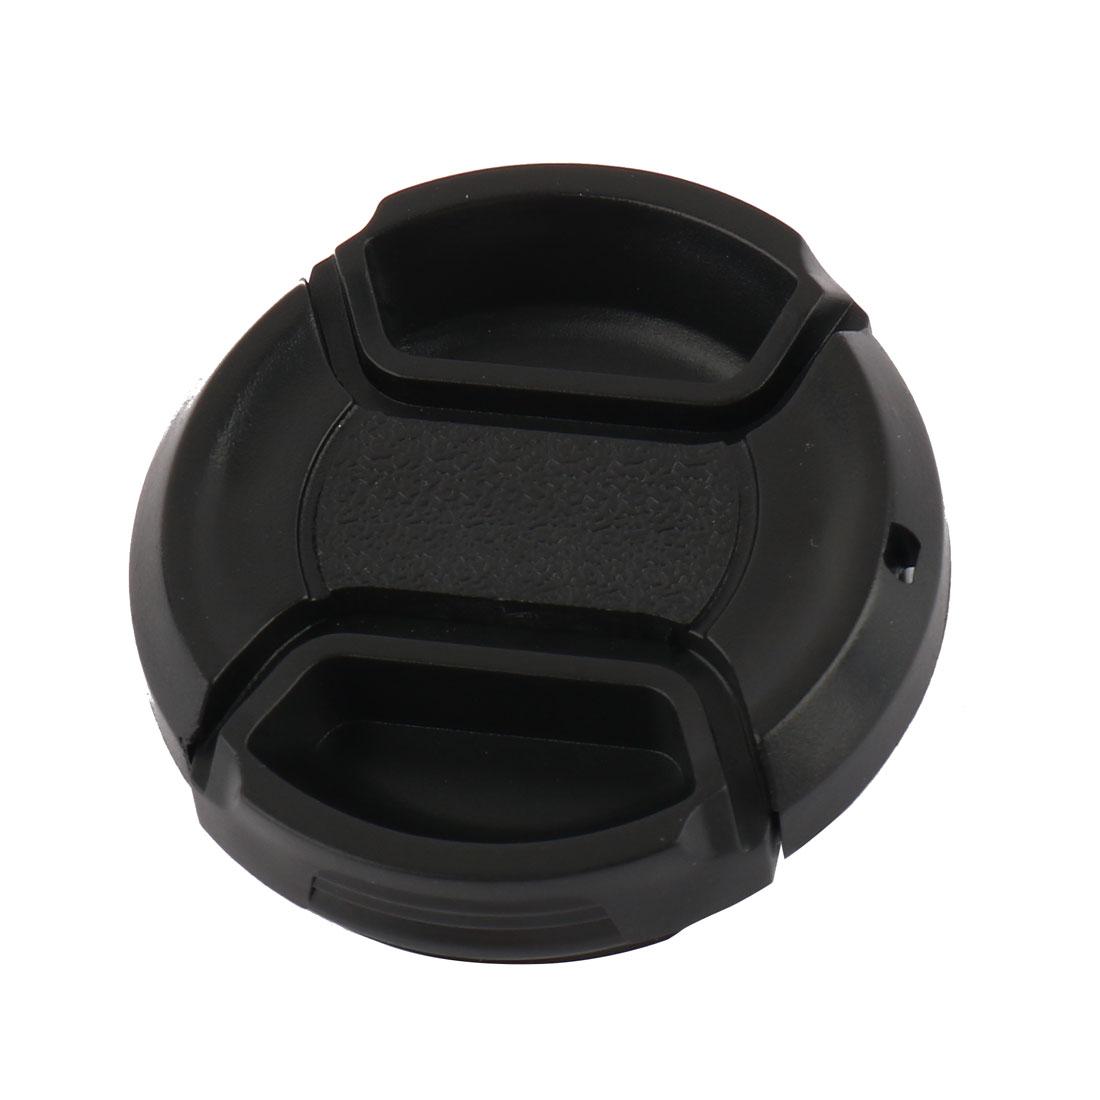 Univeral 37mm Center Pinch Front Lens Cap for DSLR Camera